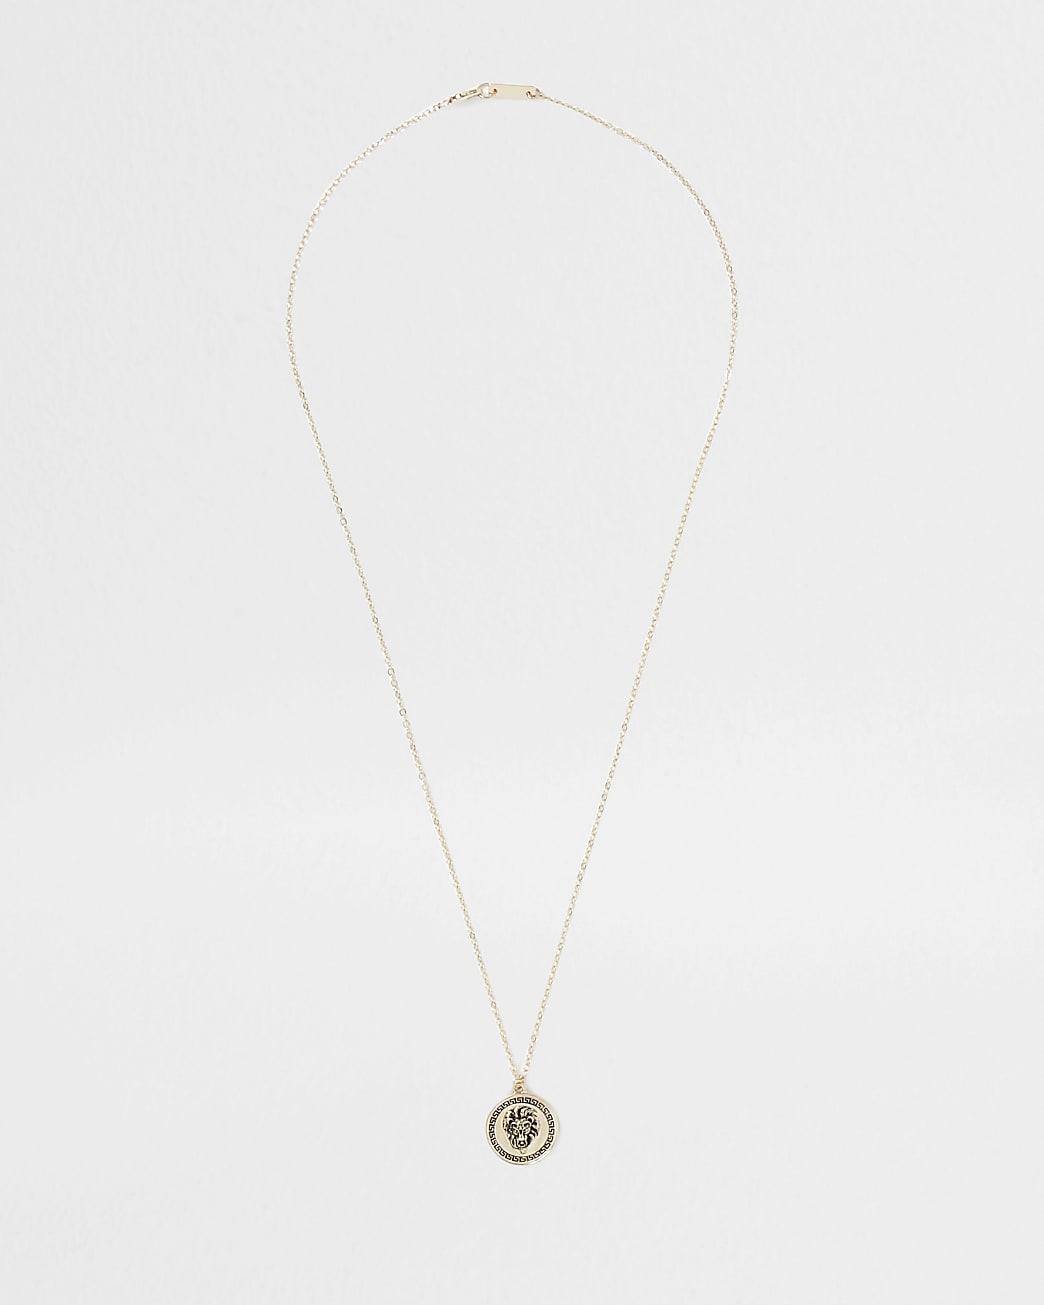 Gold lion disc pendant necklace